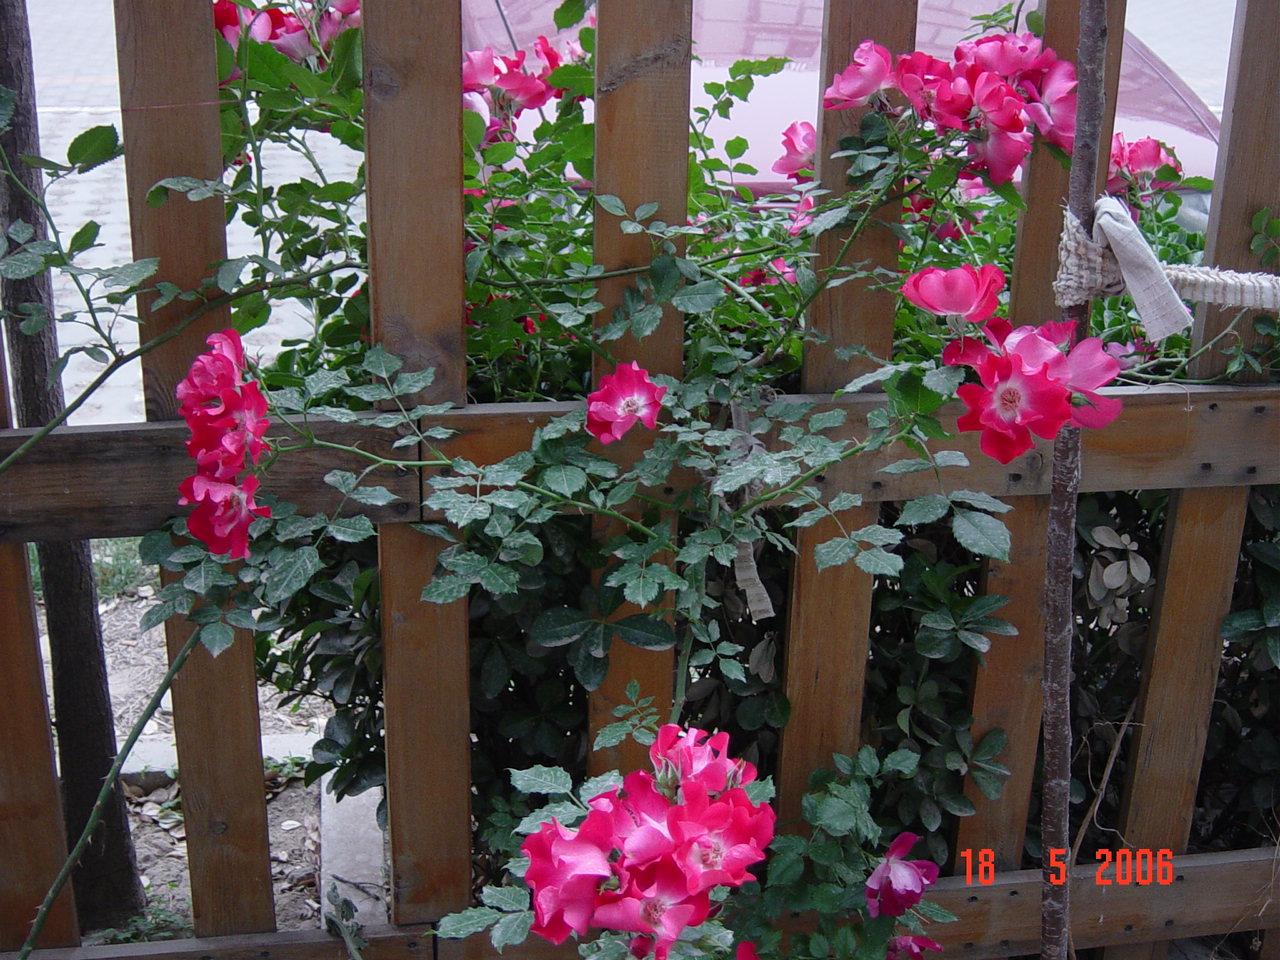 以前没种过花,听说在淘宝里买花种子很多都是